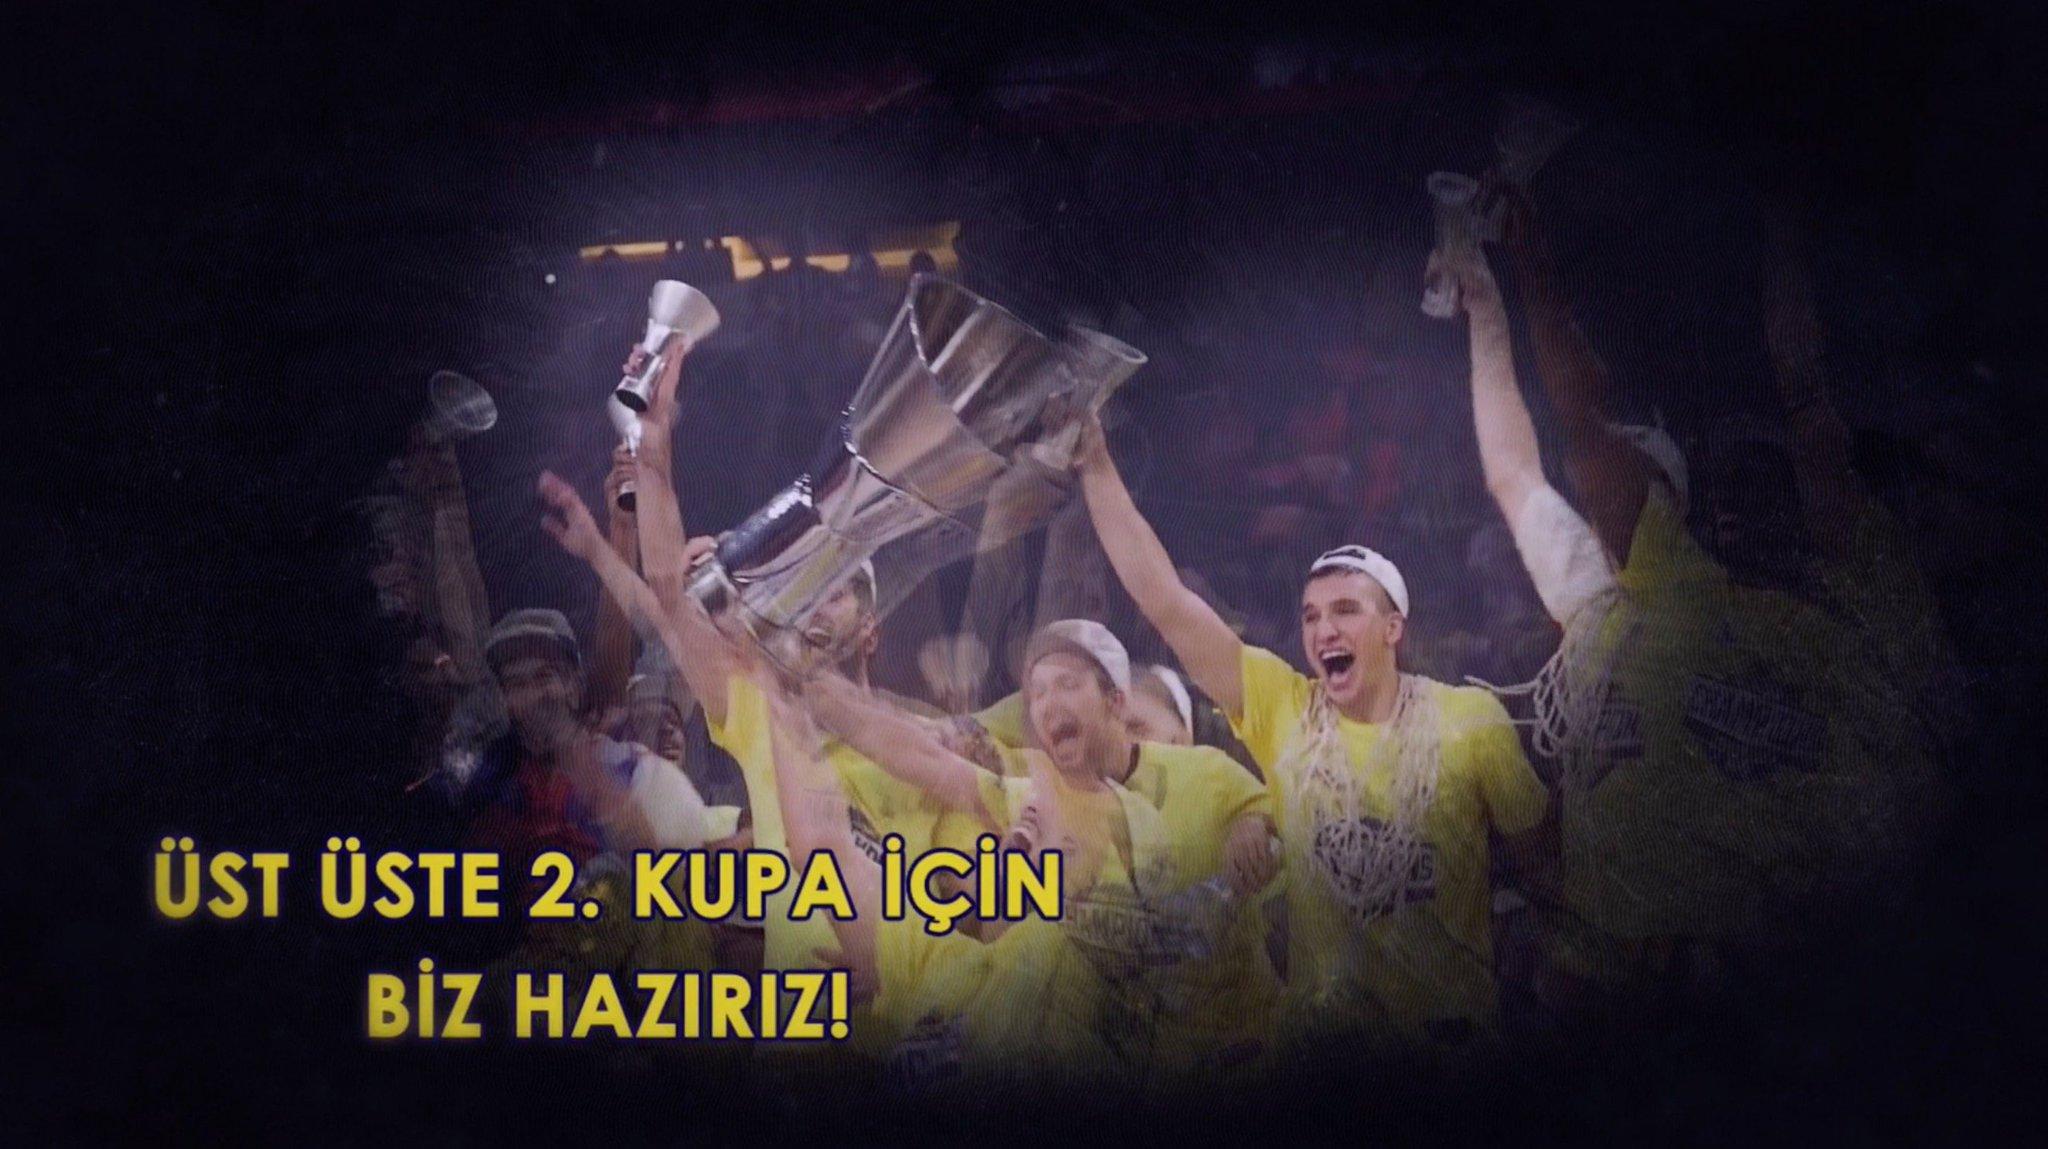 Üst üste 2. kez Euroleague şampiyonu olmanın #TamZamanıŞimdi! Kalbimiz sizinle @FBBasketbol! ���� https://t.co/r1A6eqW6rt